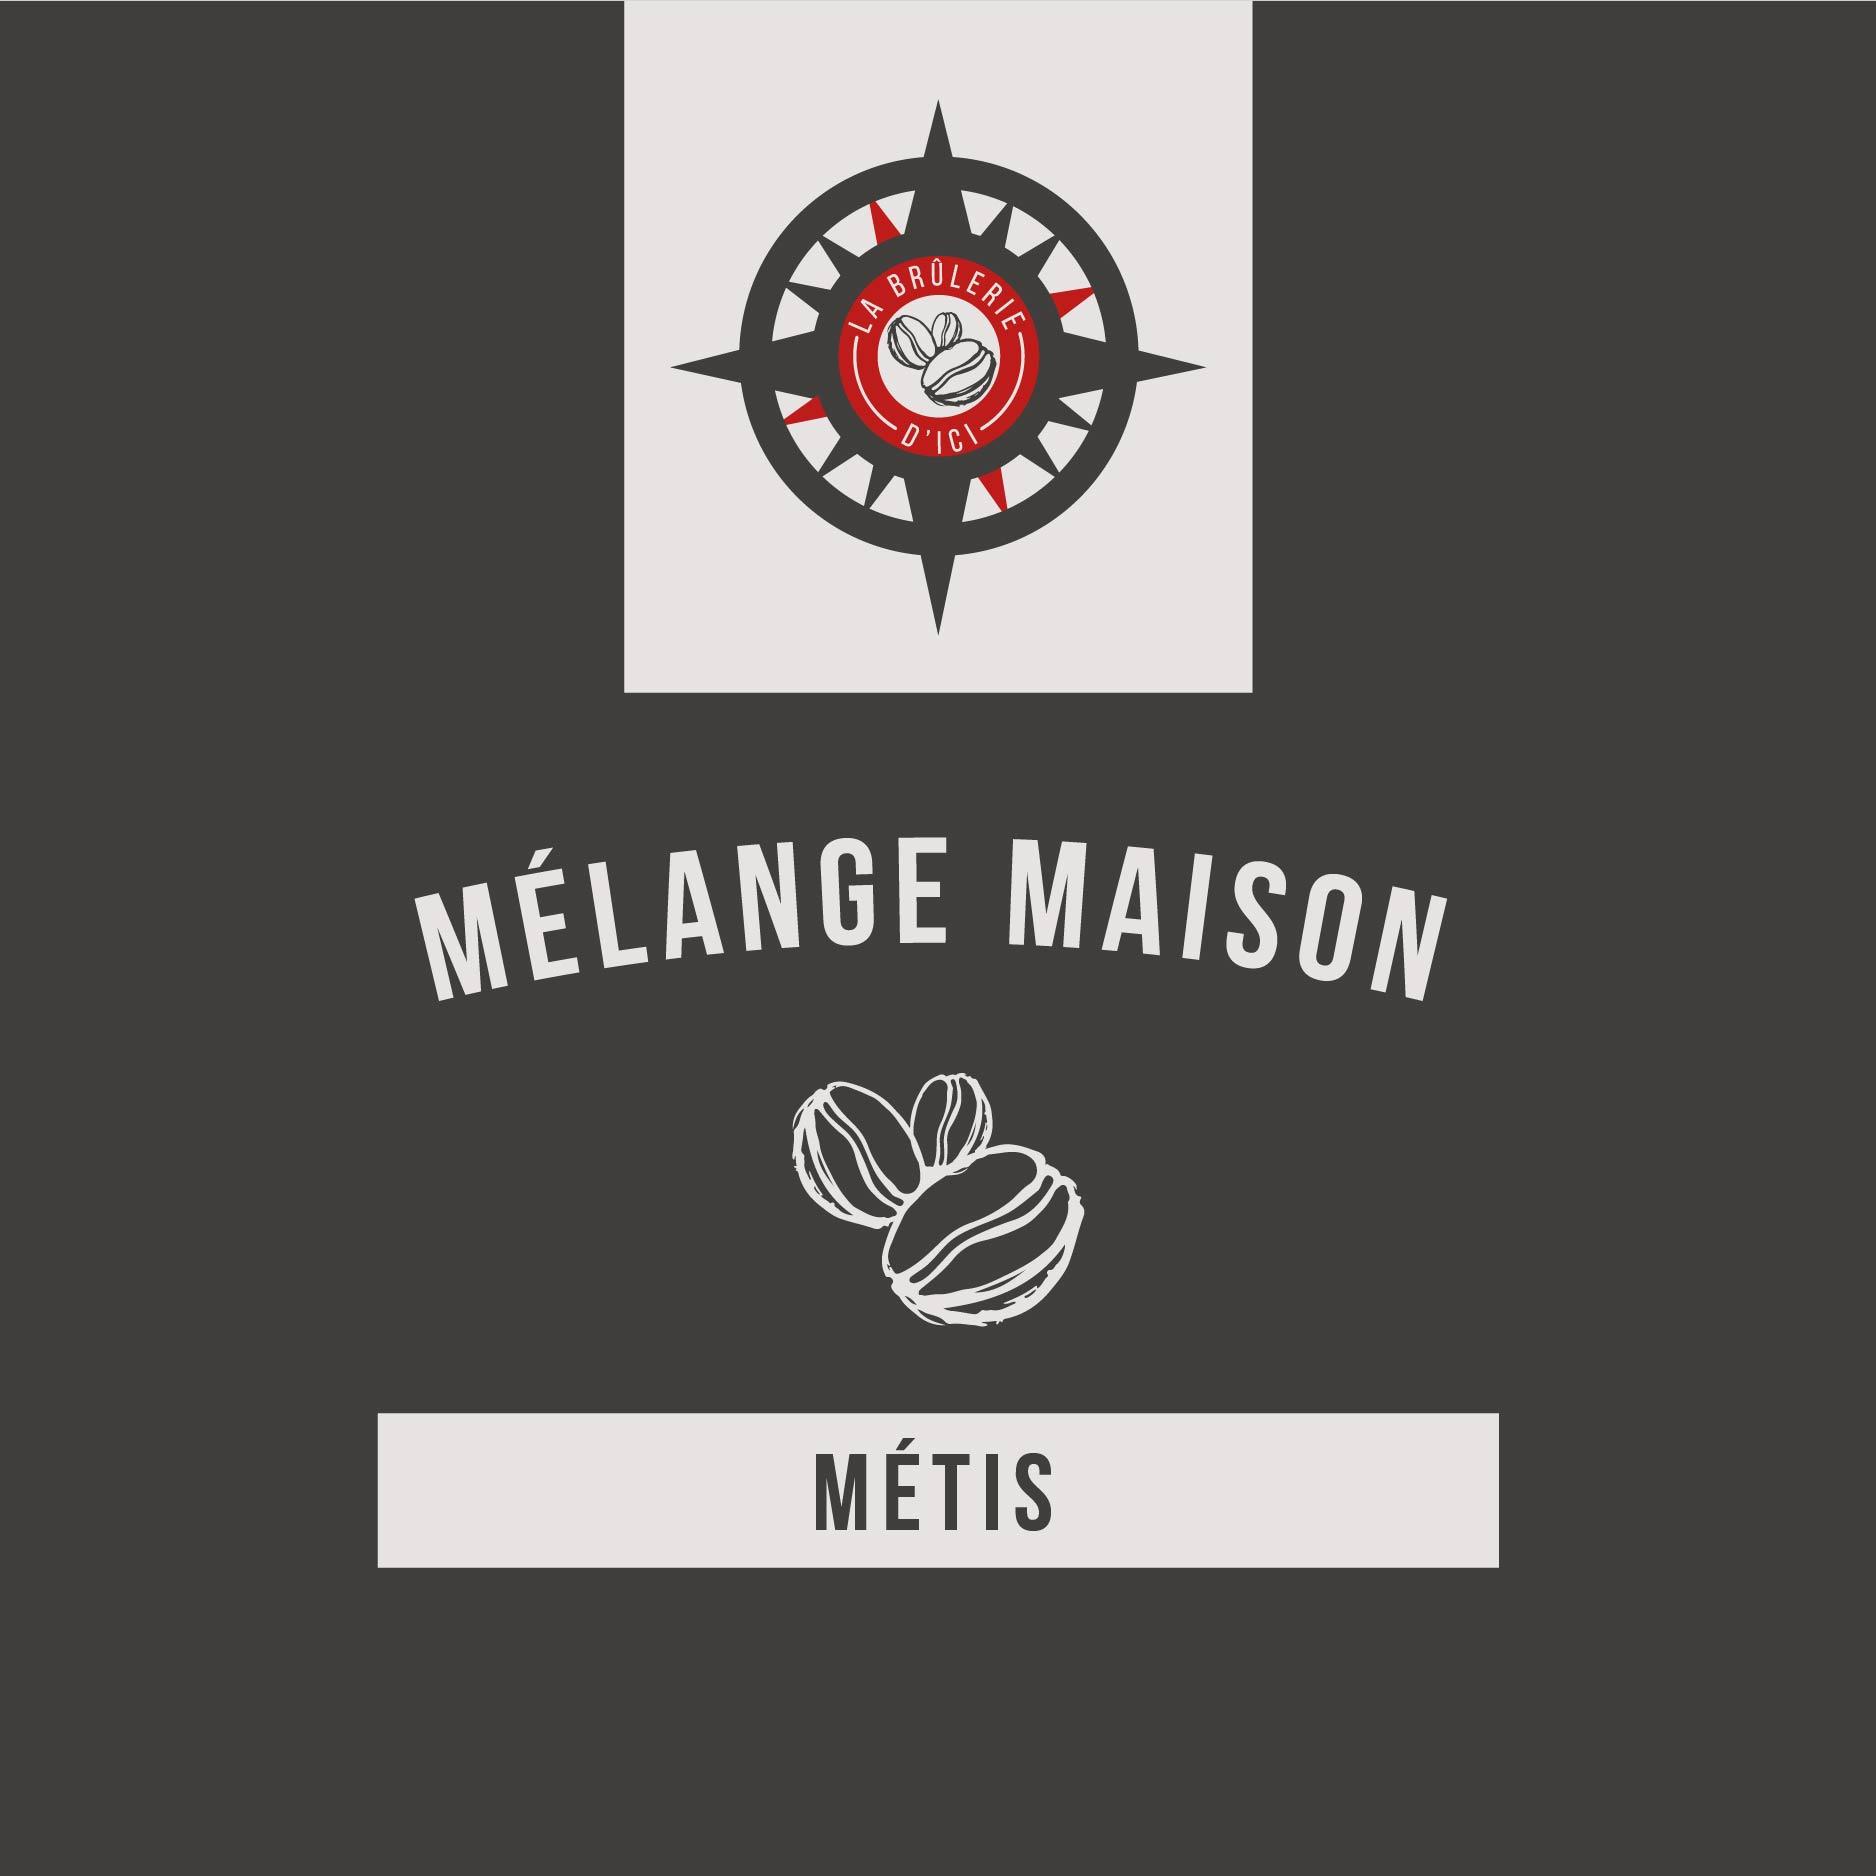 Métis - Mélange maison